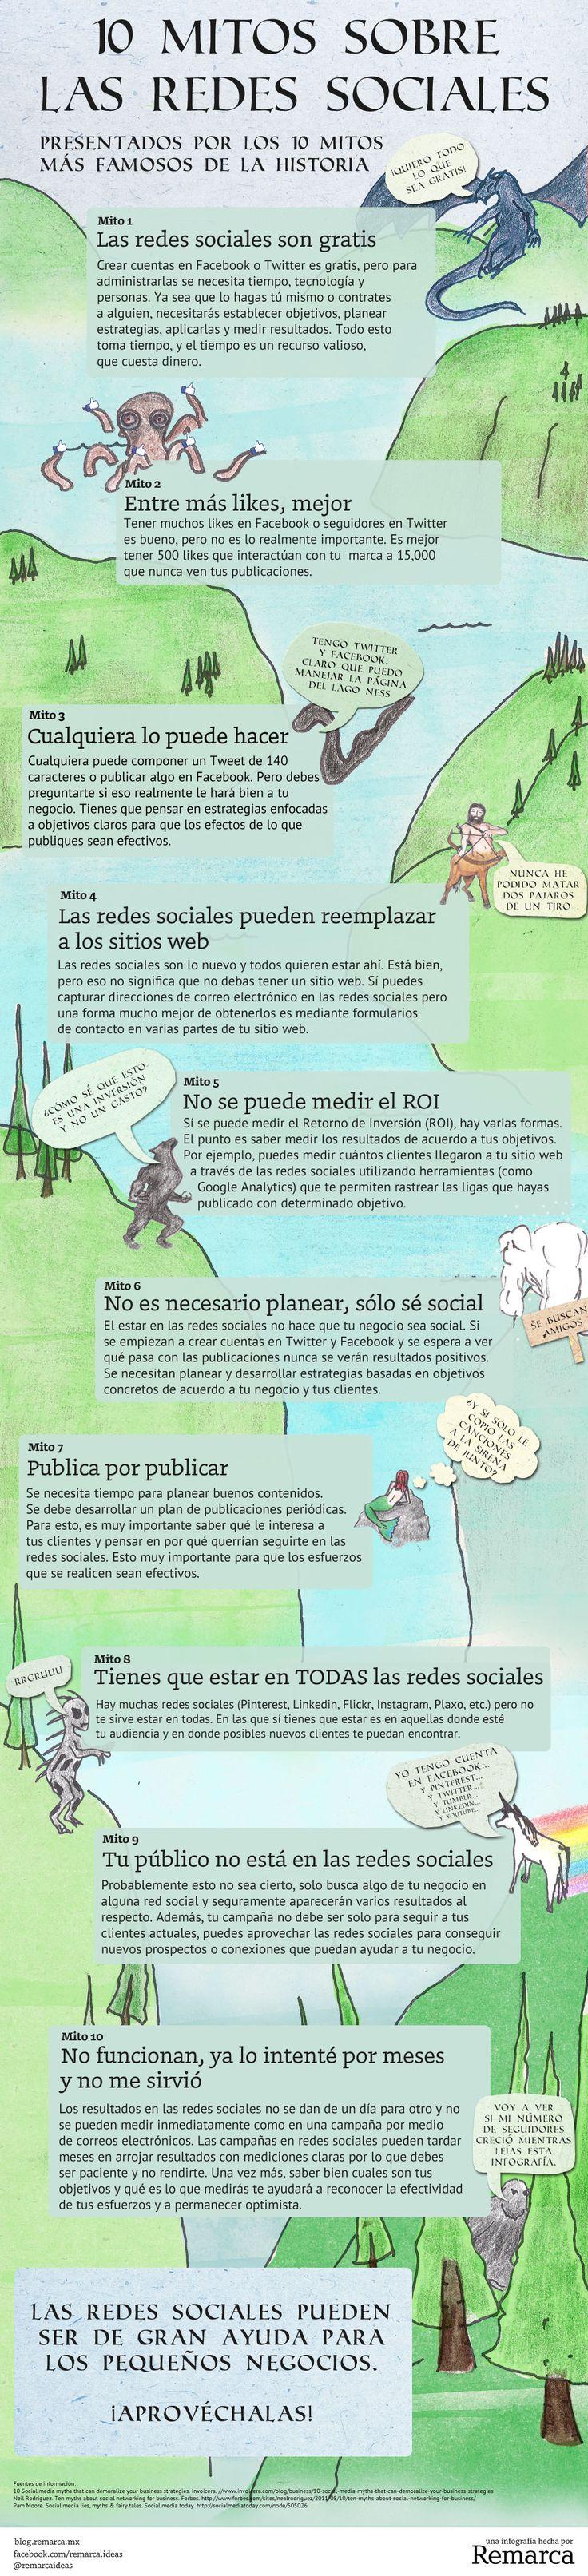 Mitos de la mercadotecnia en redes sociales